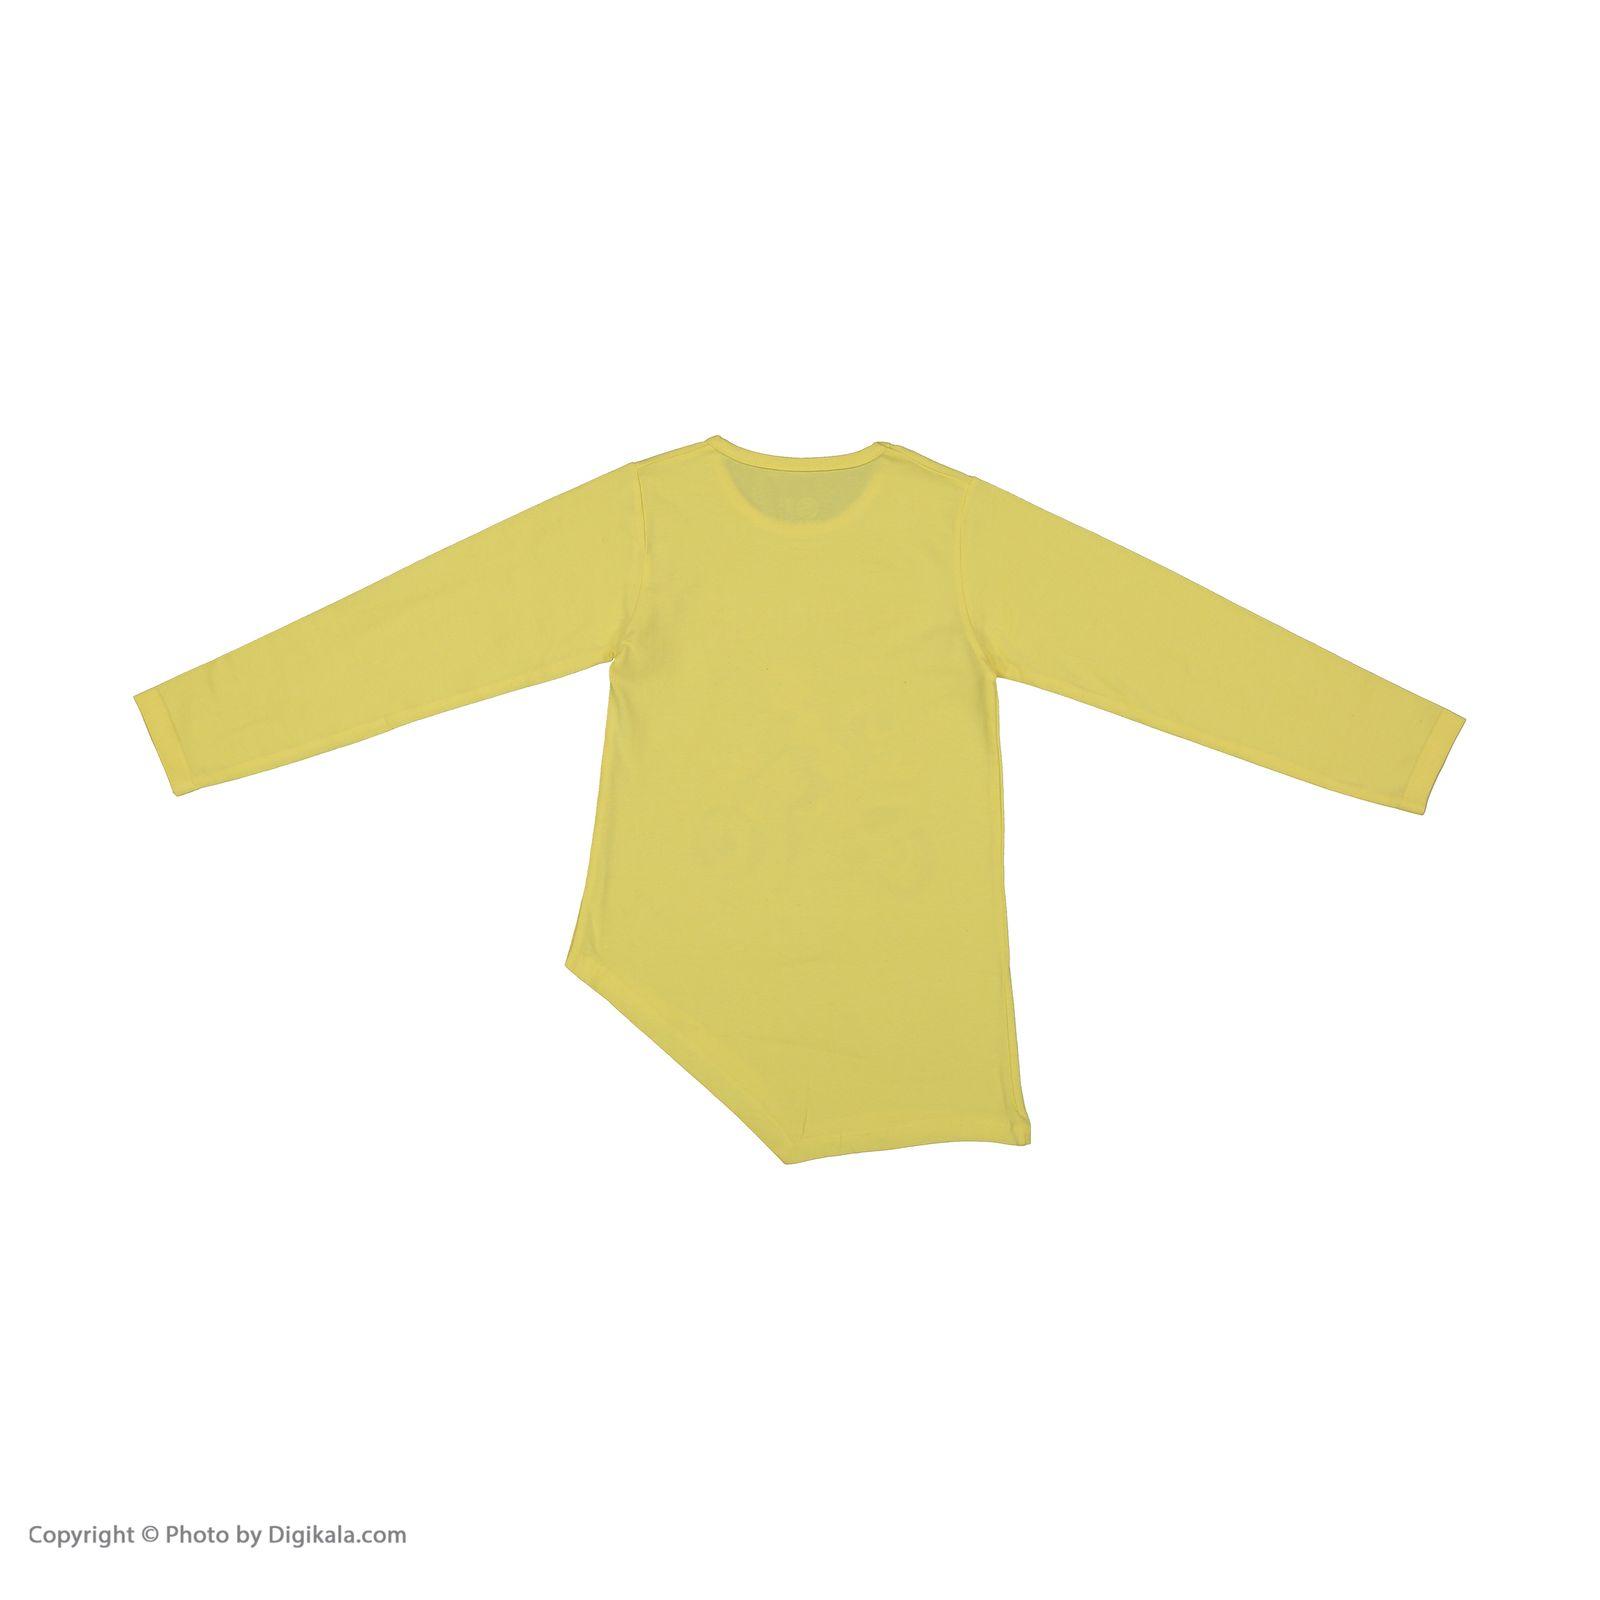 تی شرت دخترانه سون پون مدل 1391351-19 -  - 4